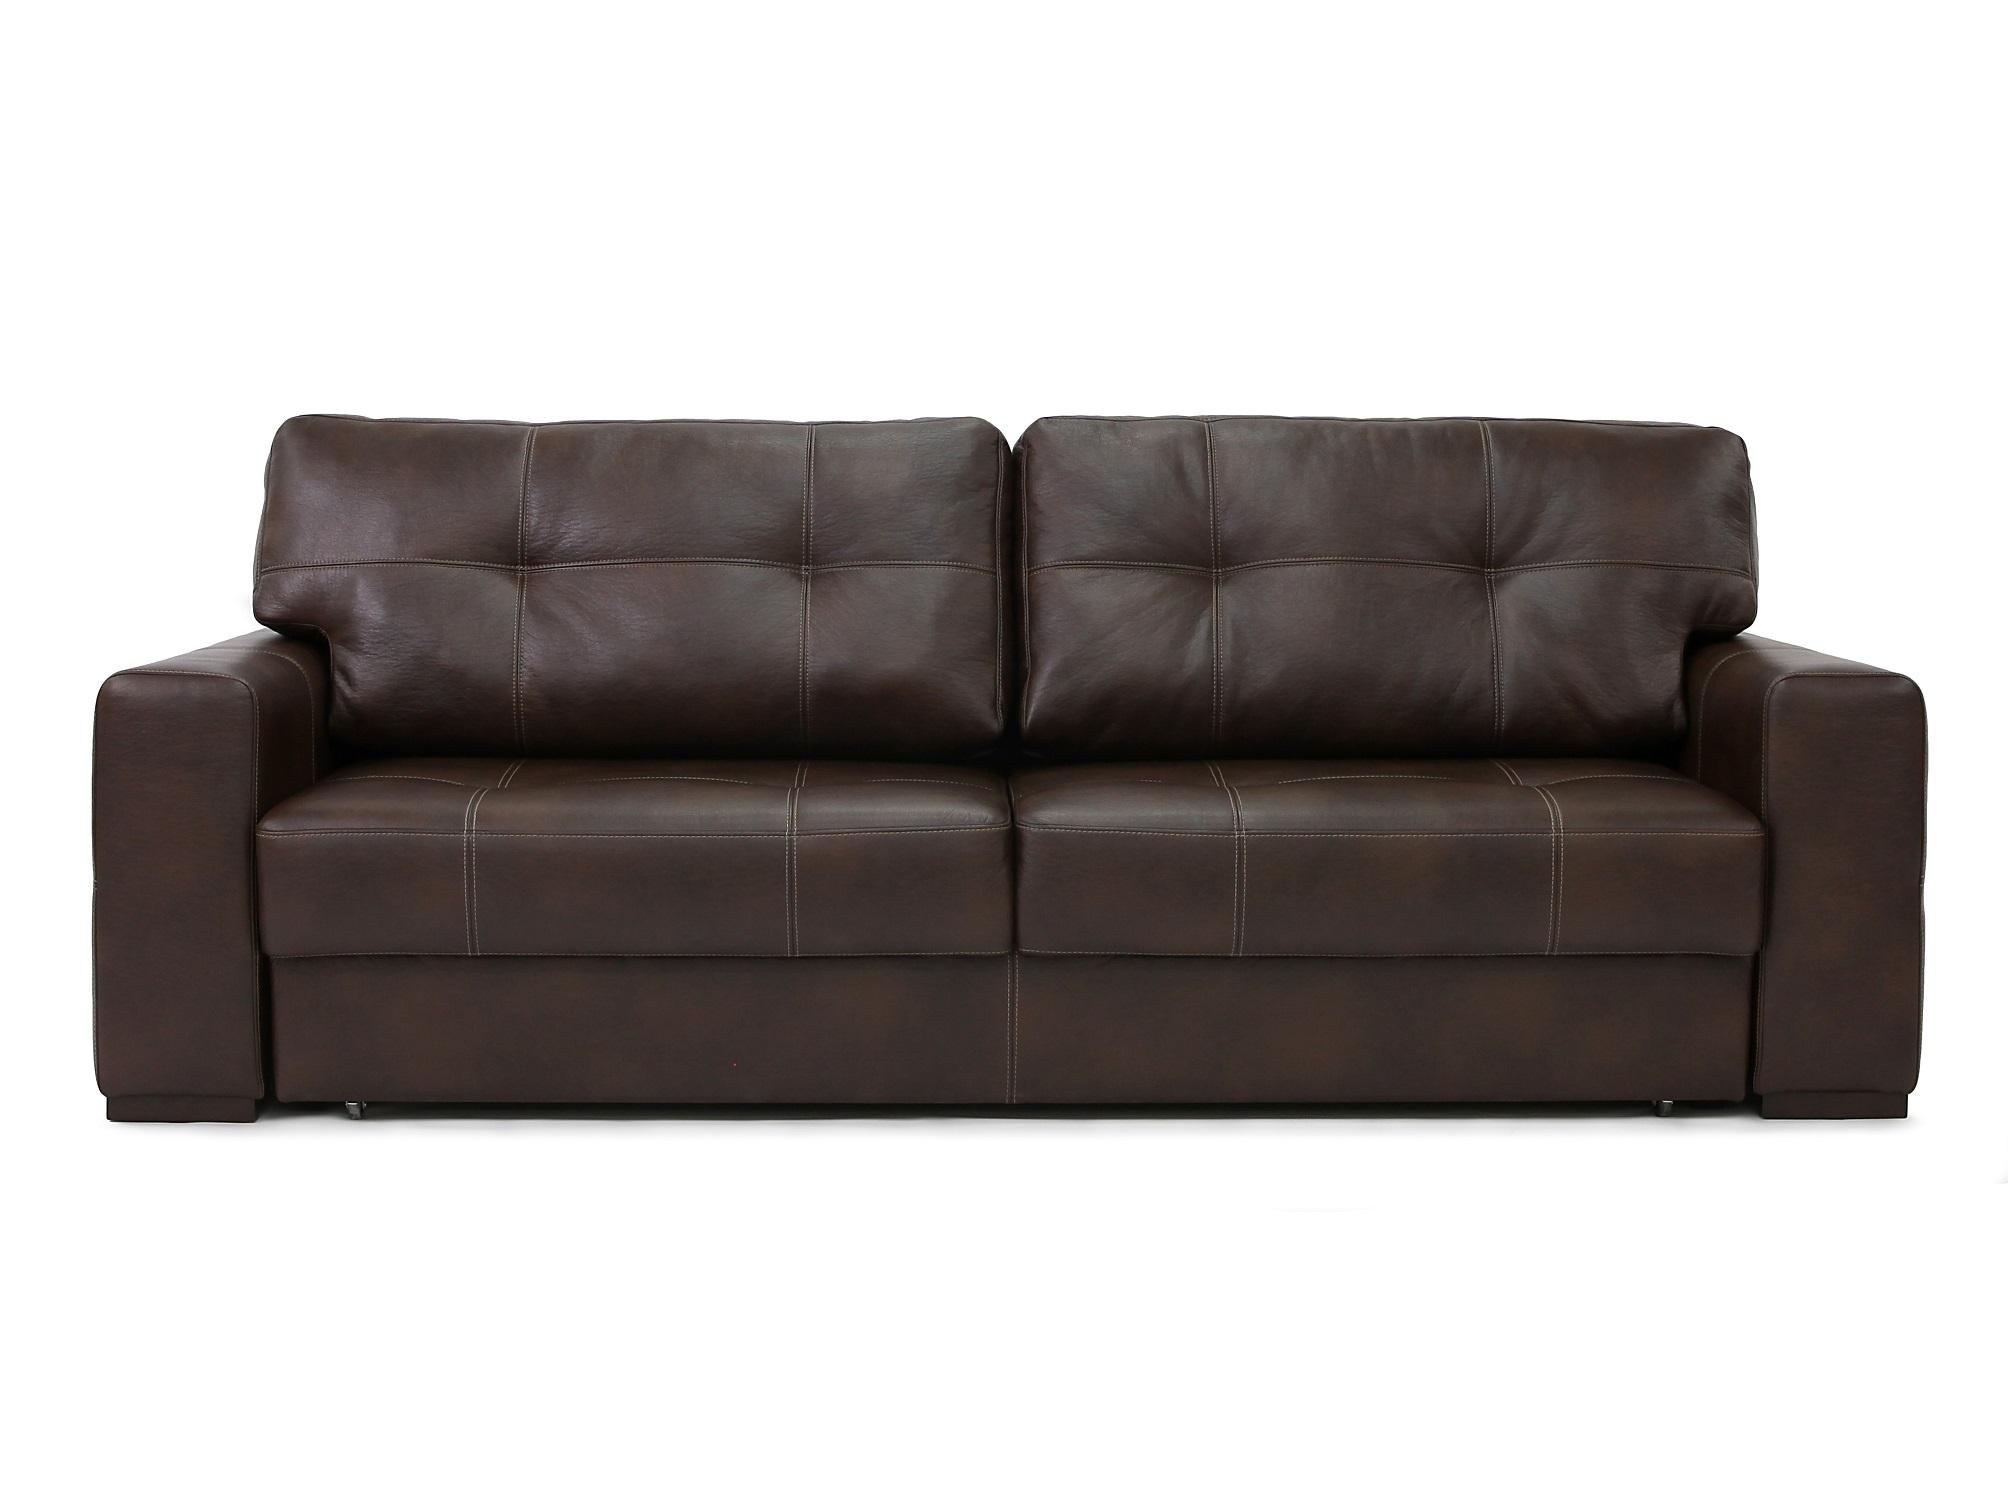 Диван БарниПрямые раскладные диваны<br>Прямой диван &amp;quot;Барни&amp;quot; создан для полноценного комфортного отдыха как днем, так и ночью! Оригинальная простота и строгость форм подчеркнут практически любой интерьер и добавят ему изысканный вид!&amp;amp;nbsp;&amp;lt;div&amp;gt;&amp;lt;br&amp;gt;&amp;lt;/div&amp;gt;<br><br>Material: Кожа<br>Ширина см: 247<br>Высота см: 95<br>Глубина см: 106